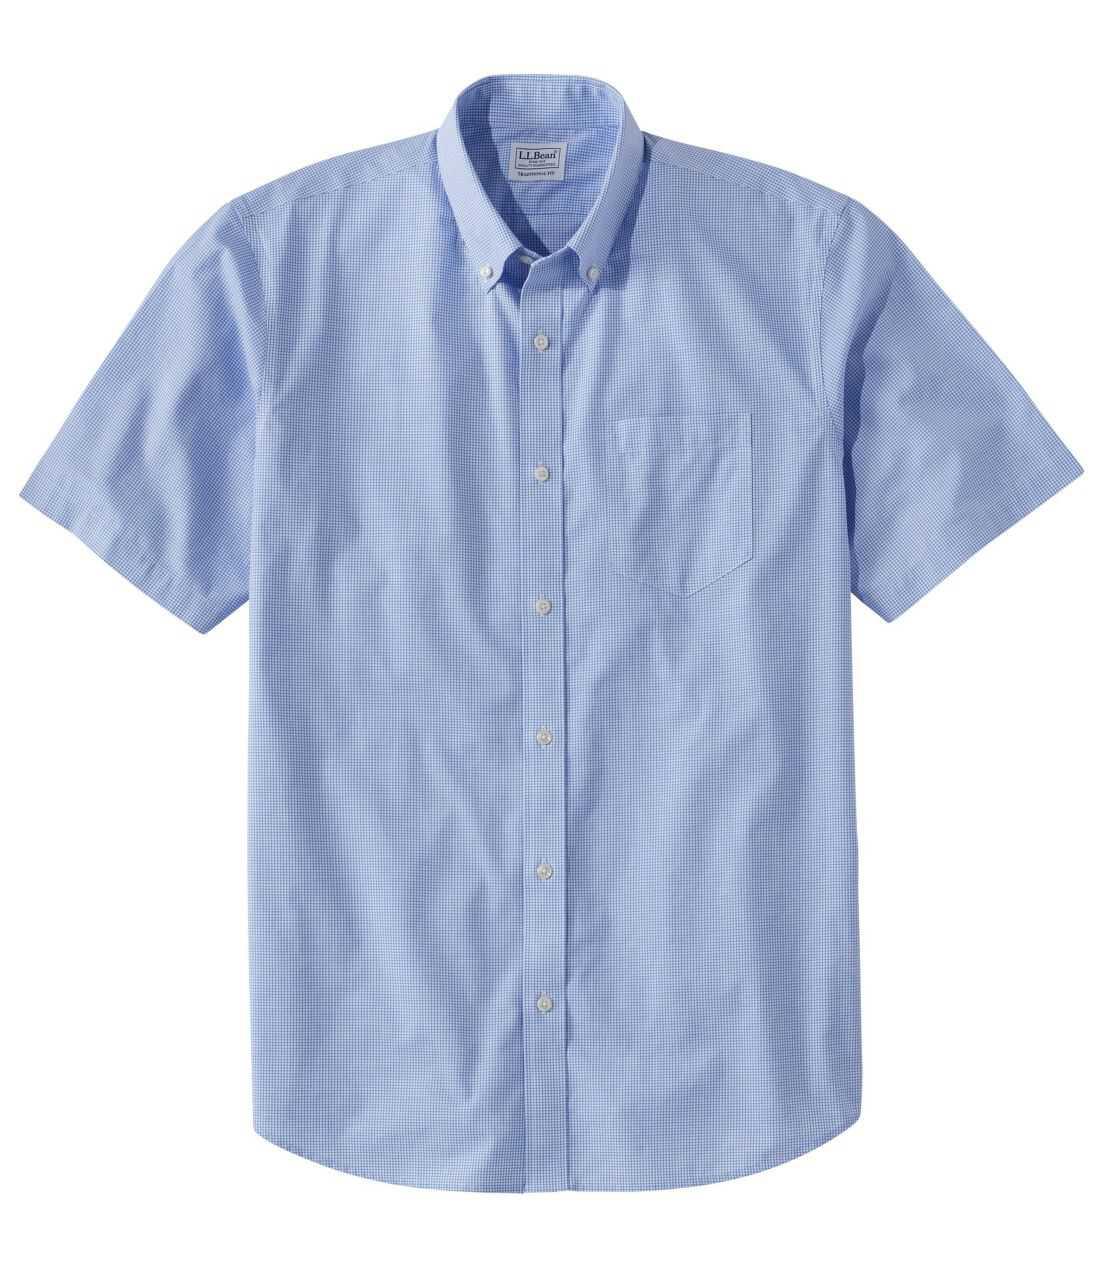 リンクルフリー(形態安定)・ケネバンク・スポーツ・シャツ、トラディショナル・フィット 半袖 チェック